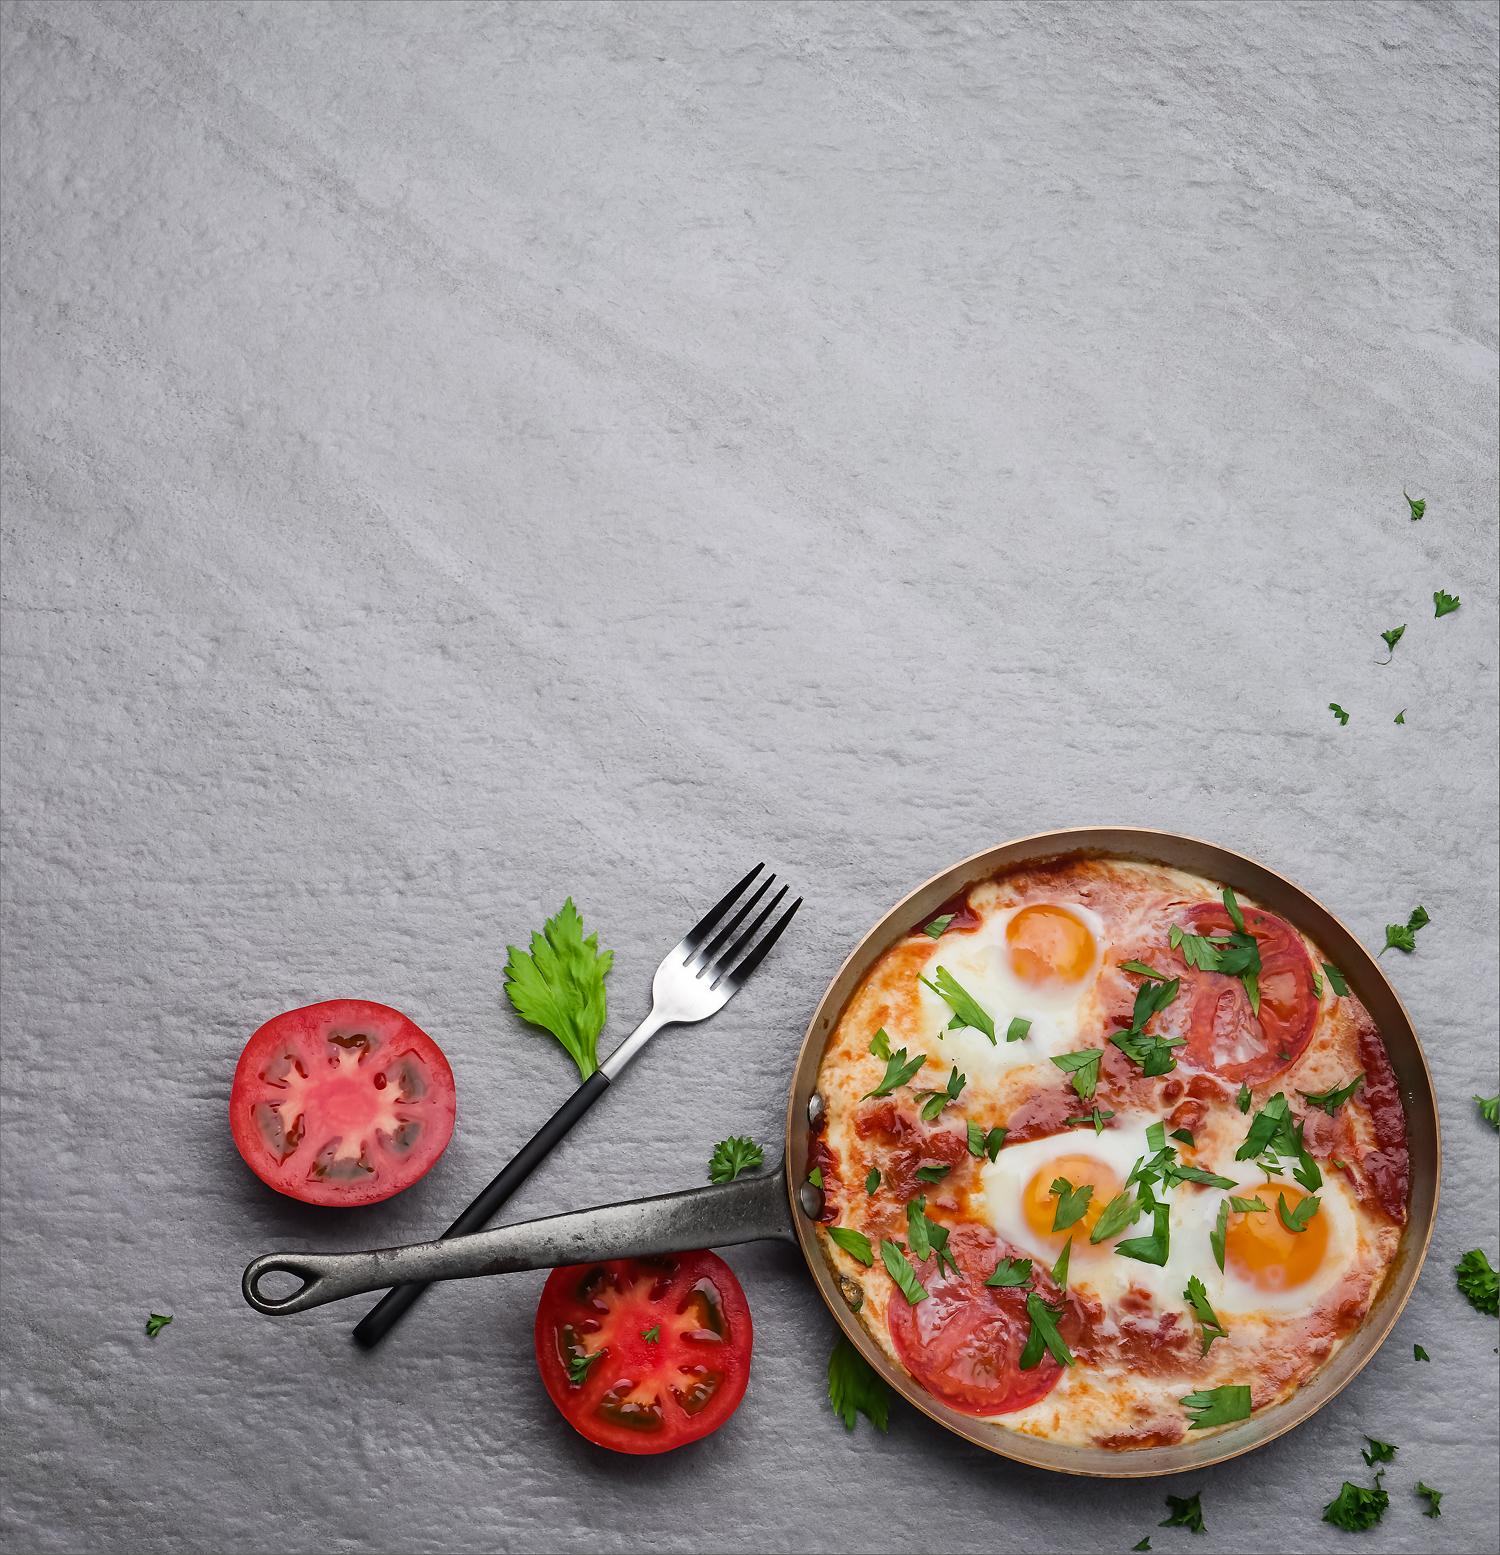 Food-photo for Alltrueeast